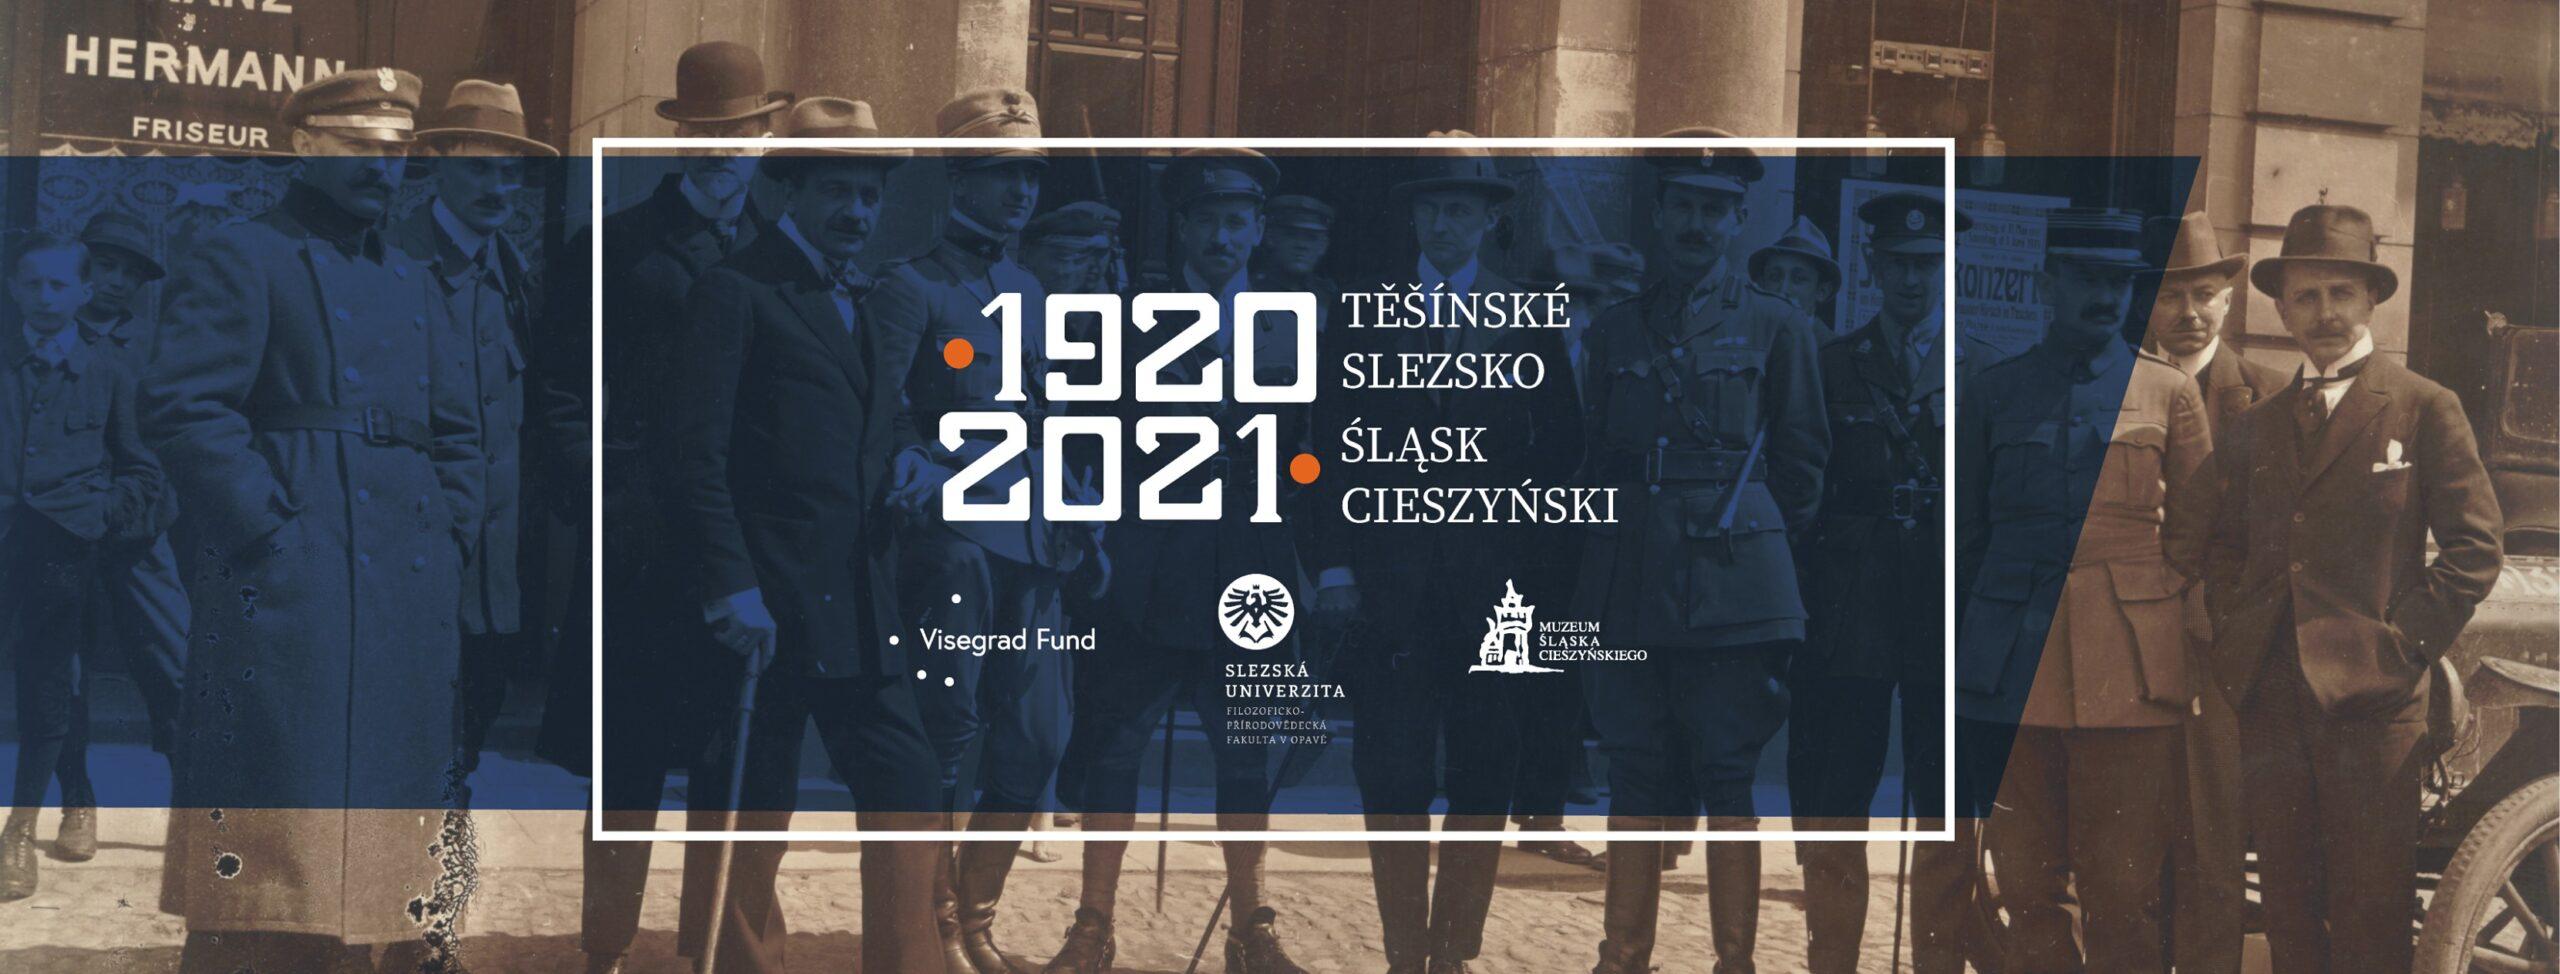 Spory graniczne po wielkiej wojnie 1918-1921 – będzie międzynarodowa konferencja